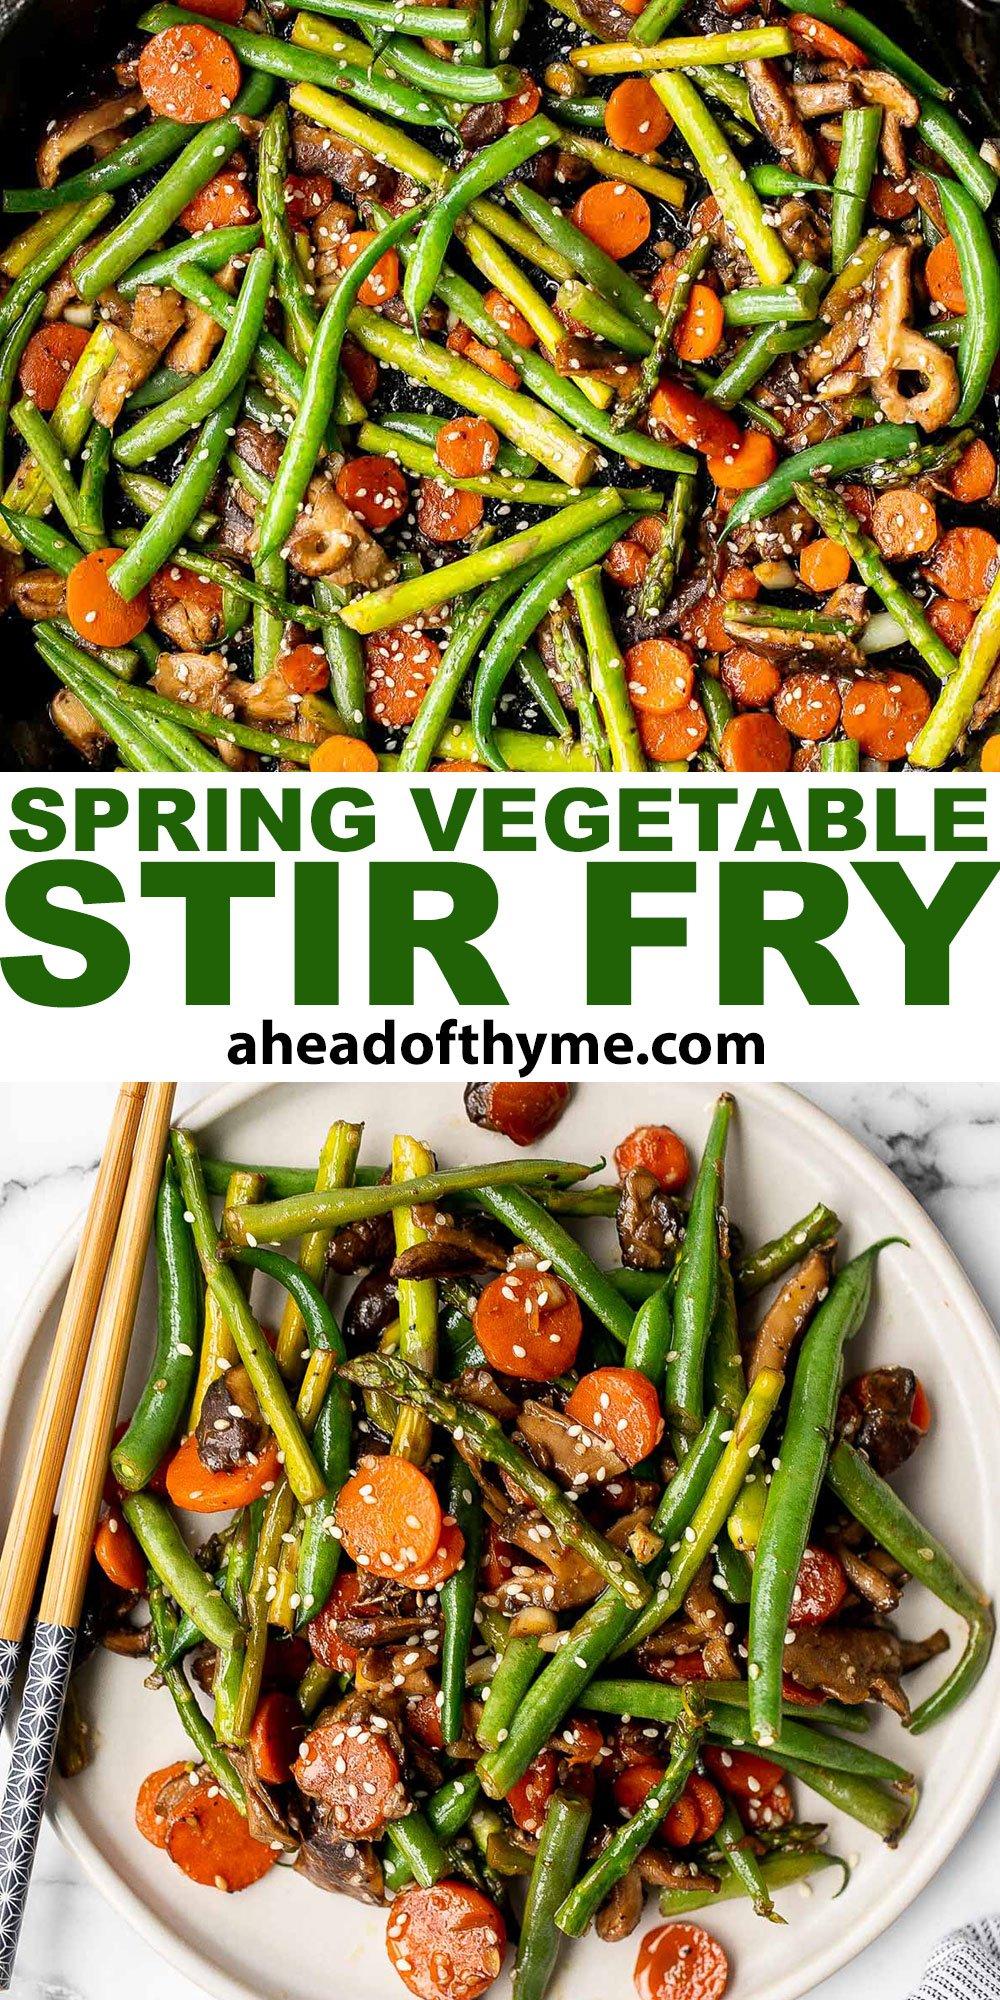 Spring Vegetable Stir Fry